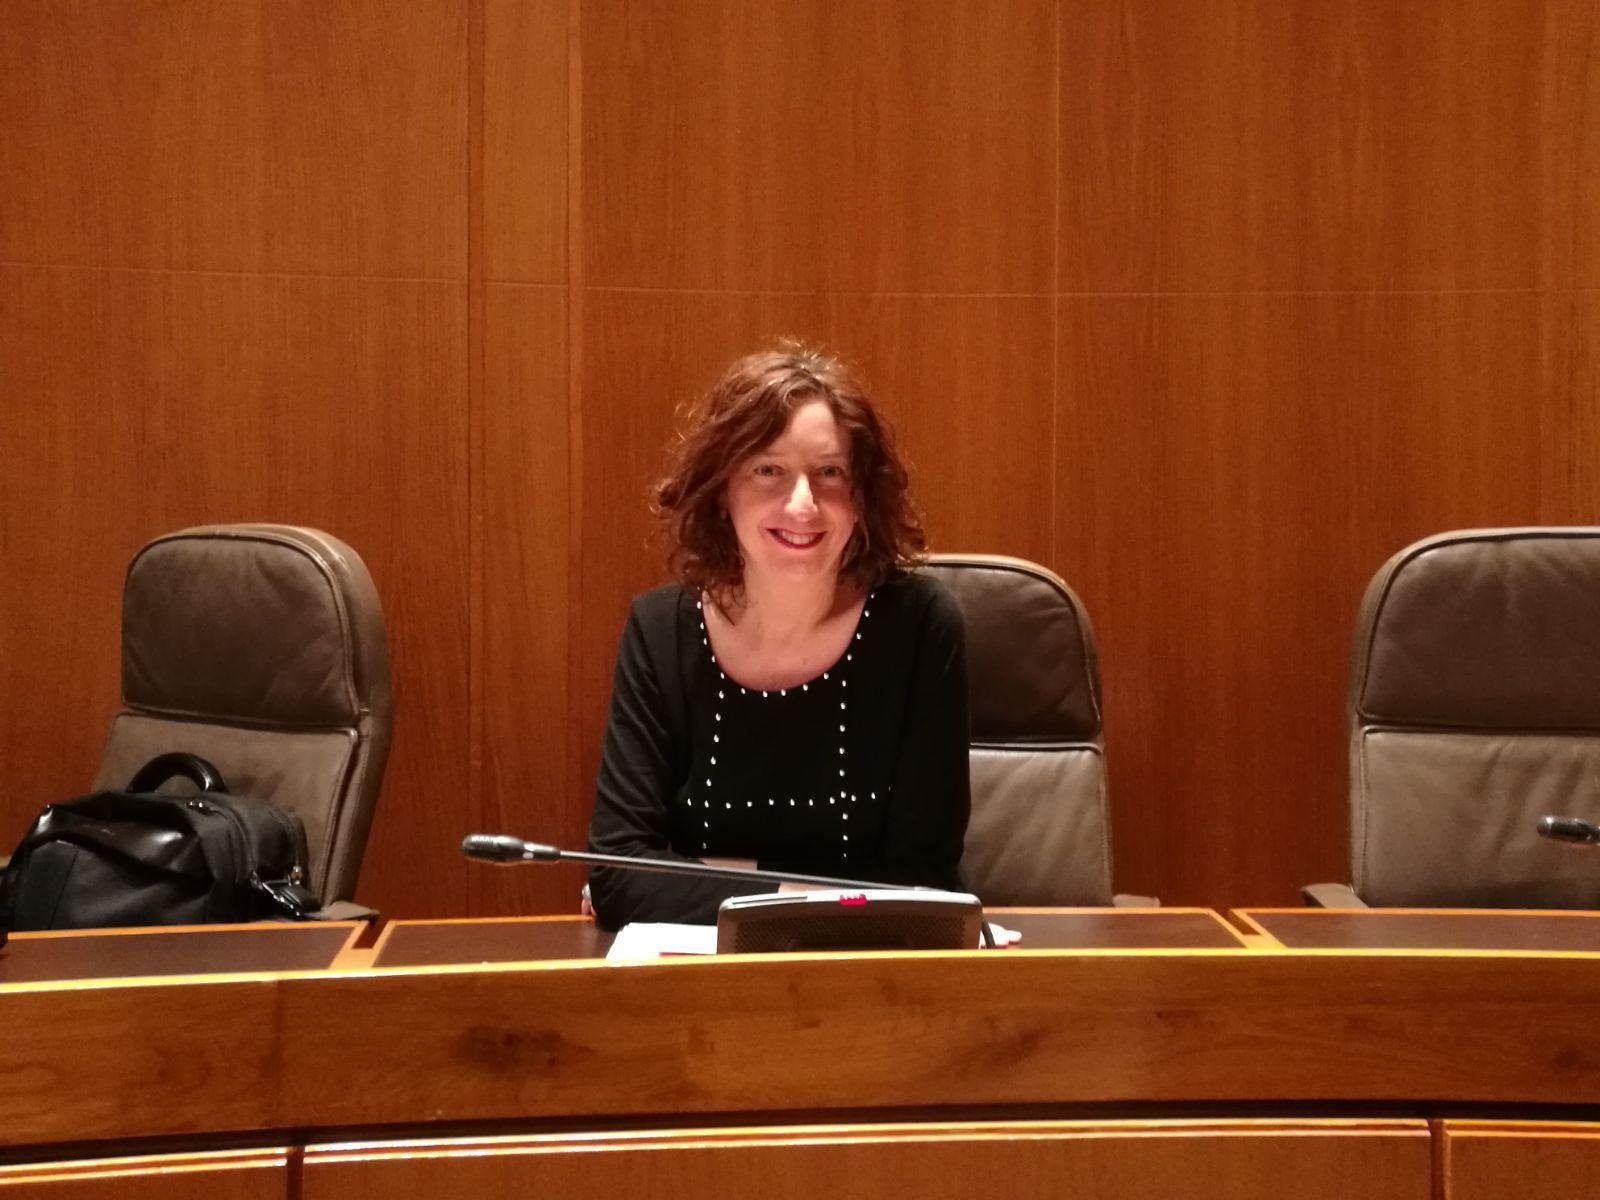 Preguntamos al Gobierno de Aragón por las sentencias del Tribunal Supremo que da vía libre a comunidades para reducir el horario de la asignatura de Religión